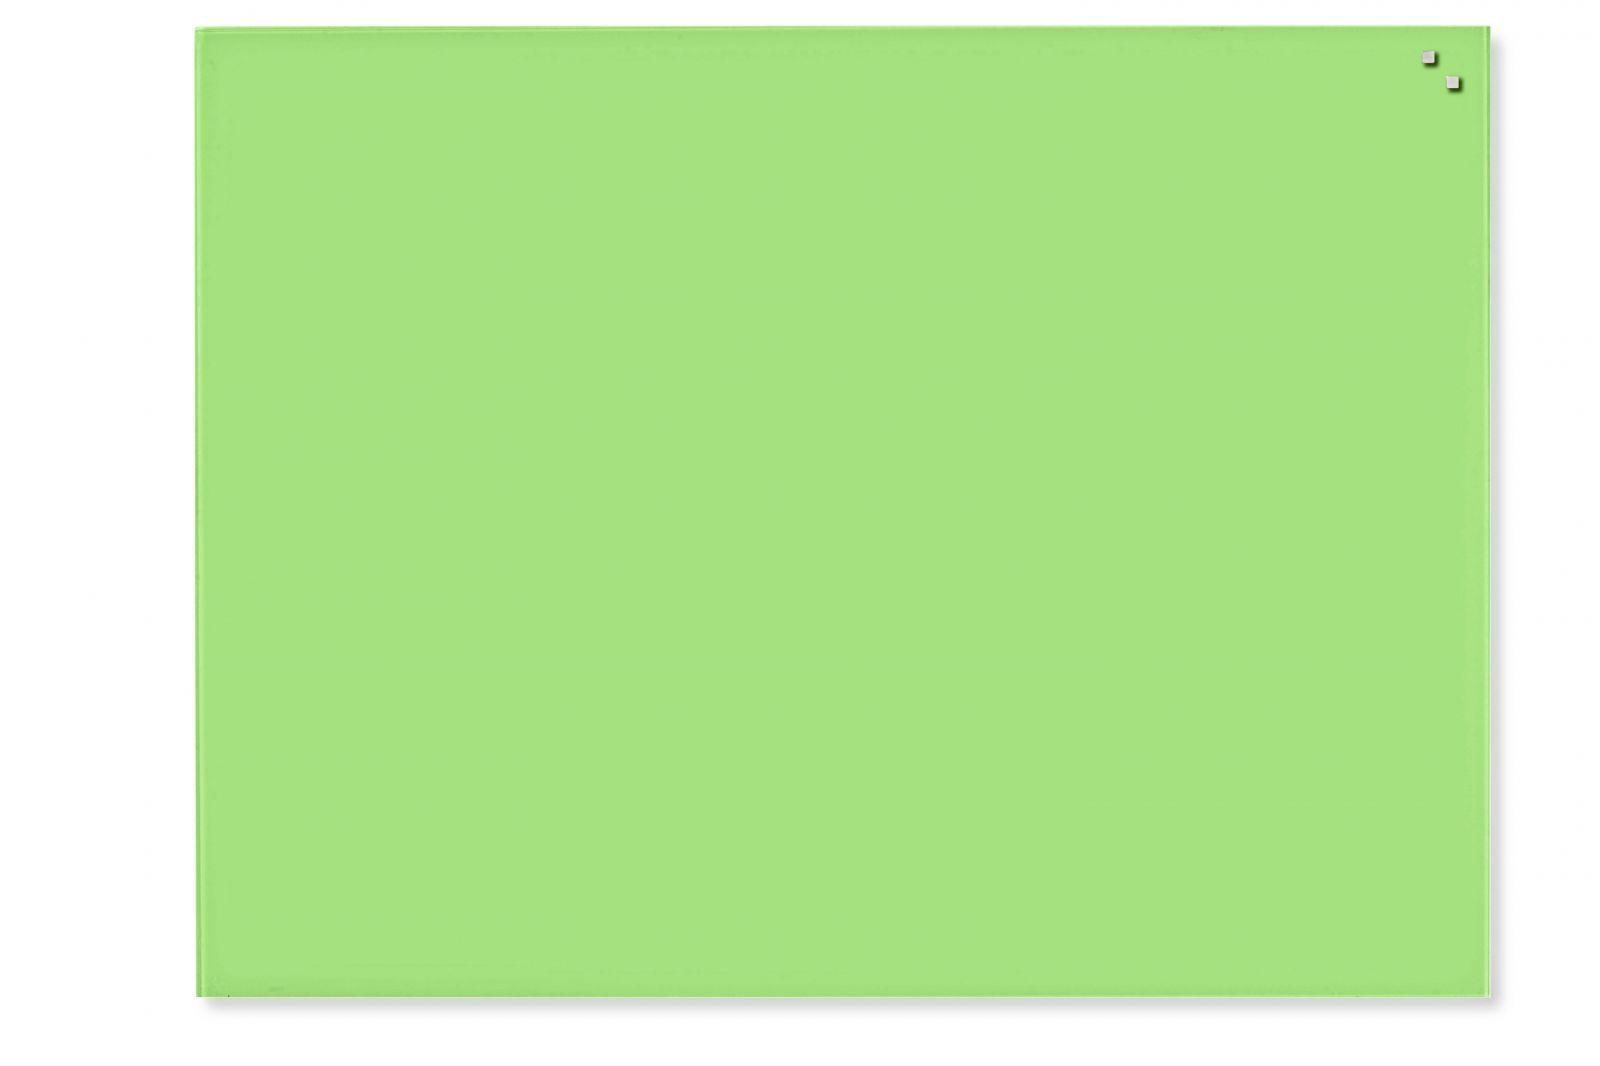 Skleněná magnetická tabule, 60x80 cm, světle Zelená